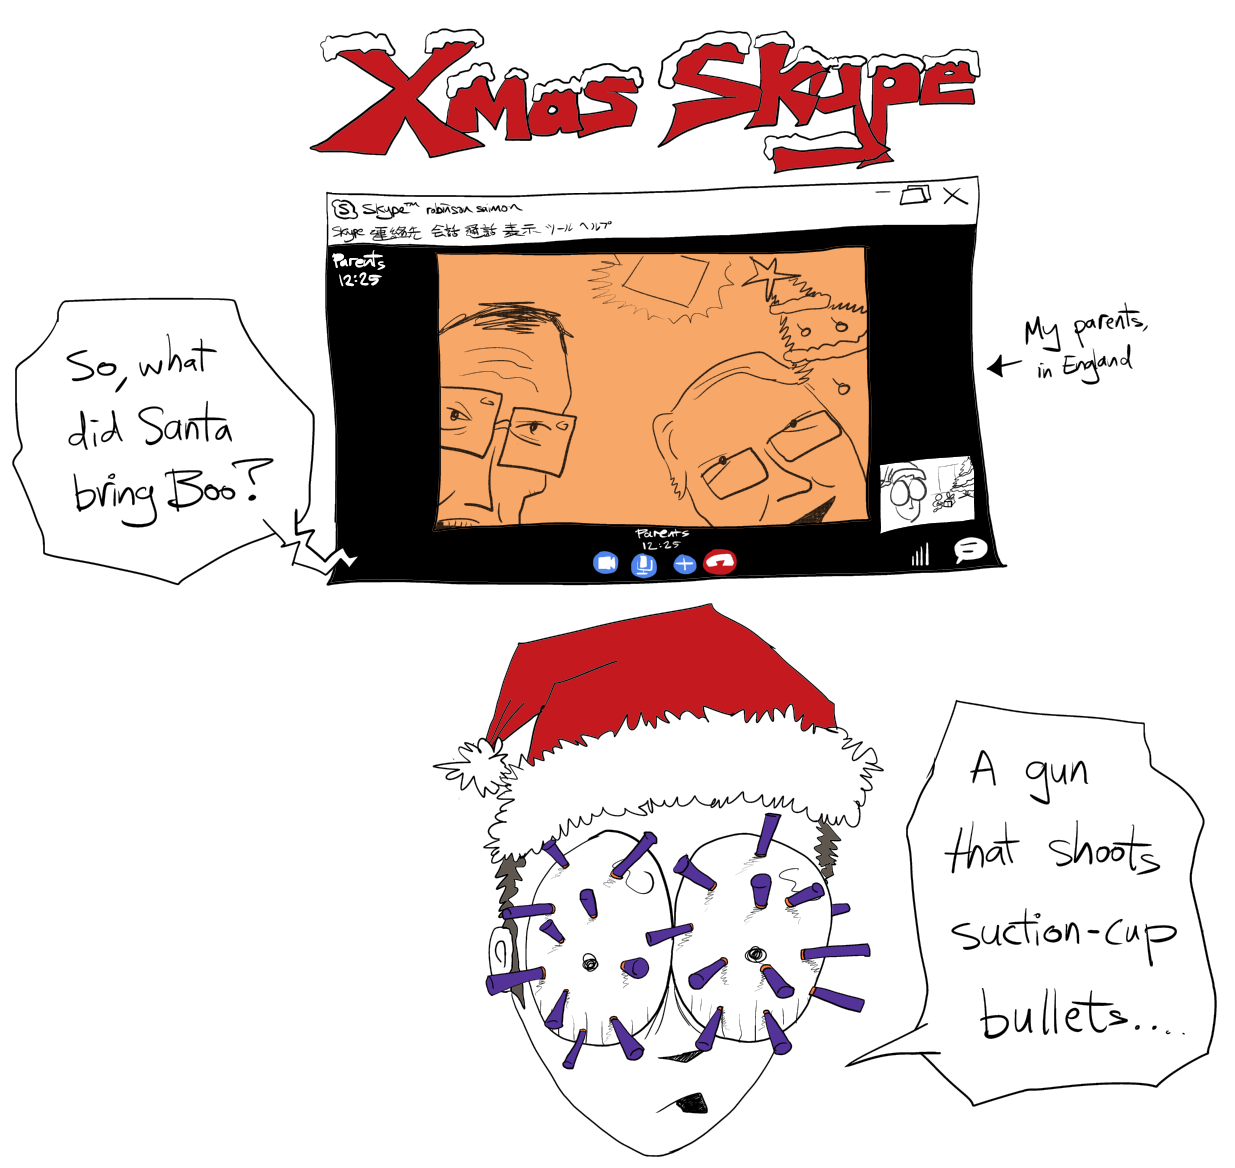 xmas skype E